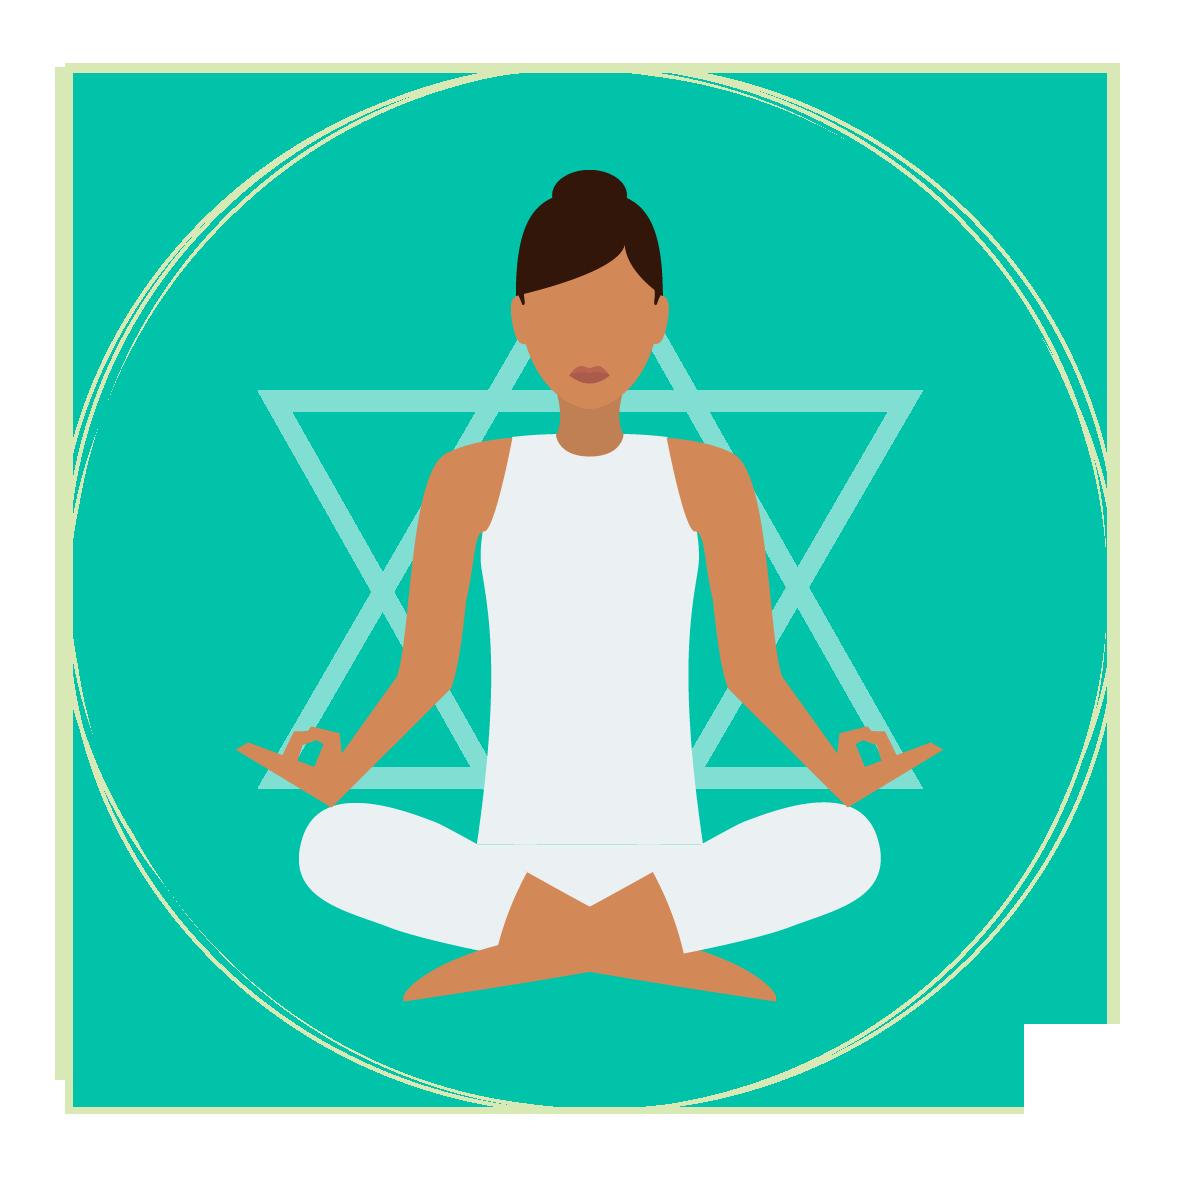 C mo meditar en casa paso a paso meditaci n para - Como practicar la meditacion en casa ...